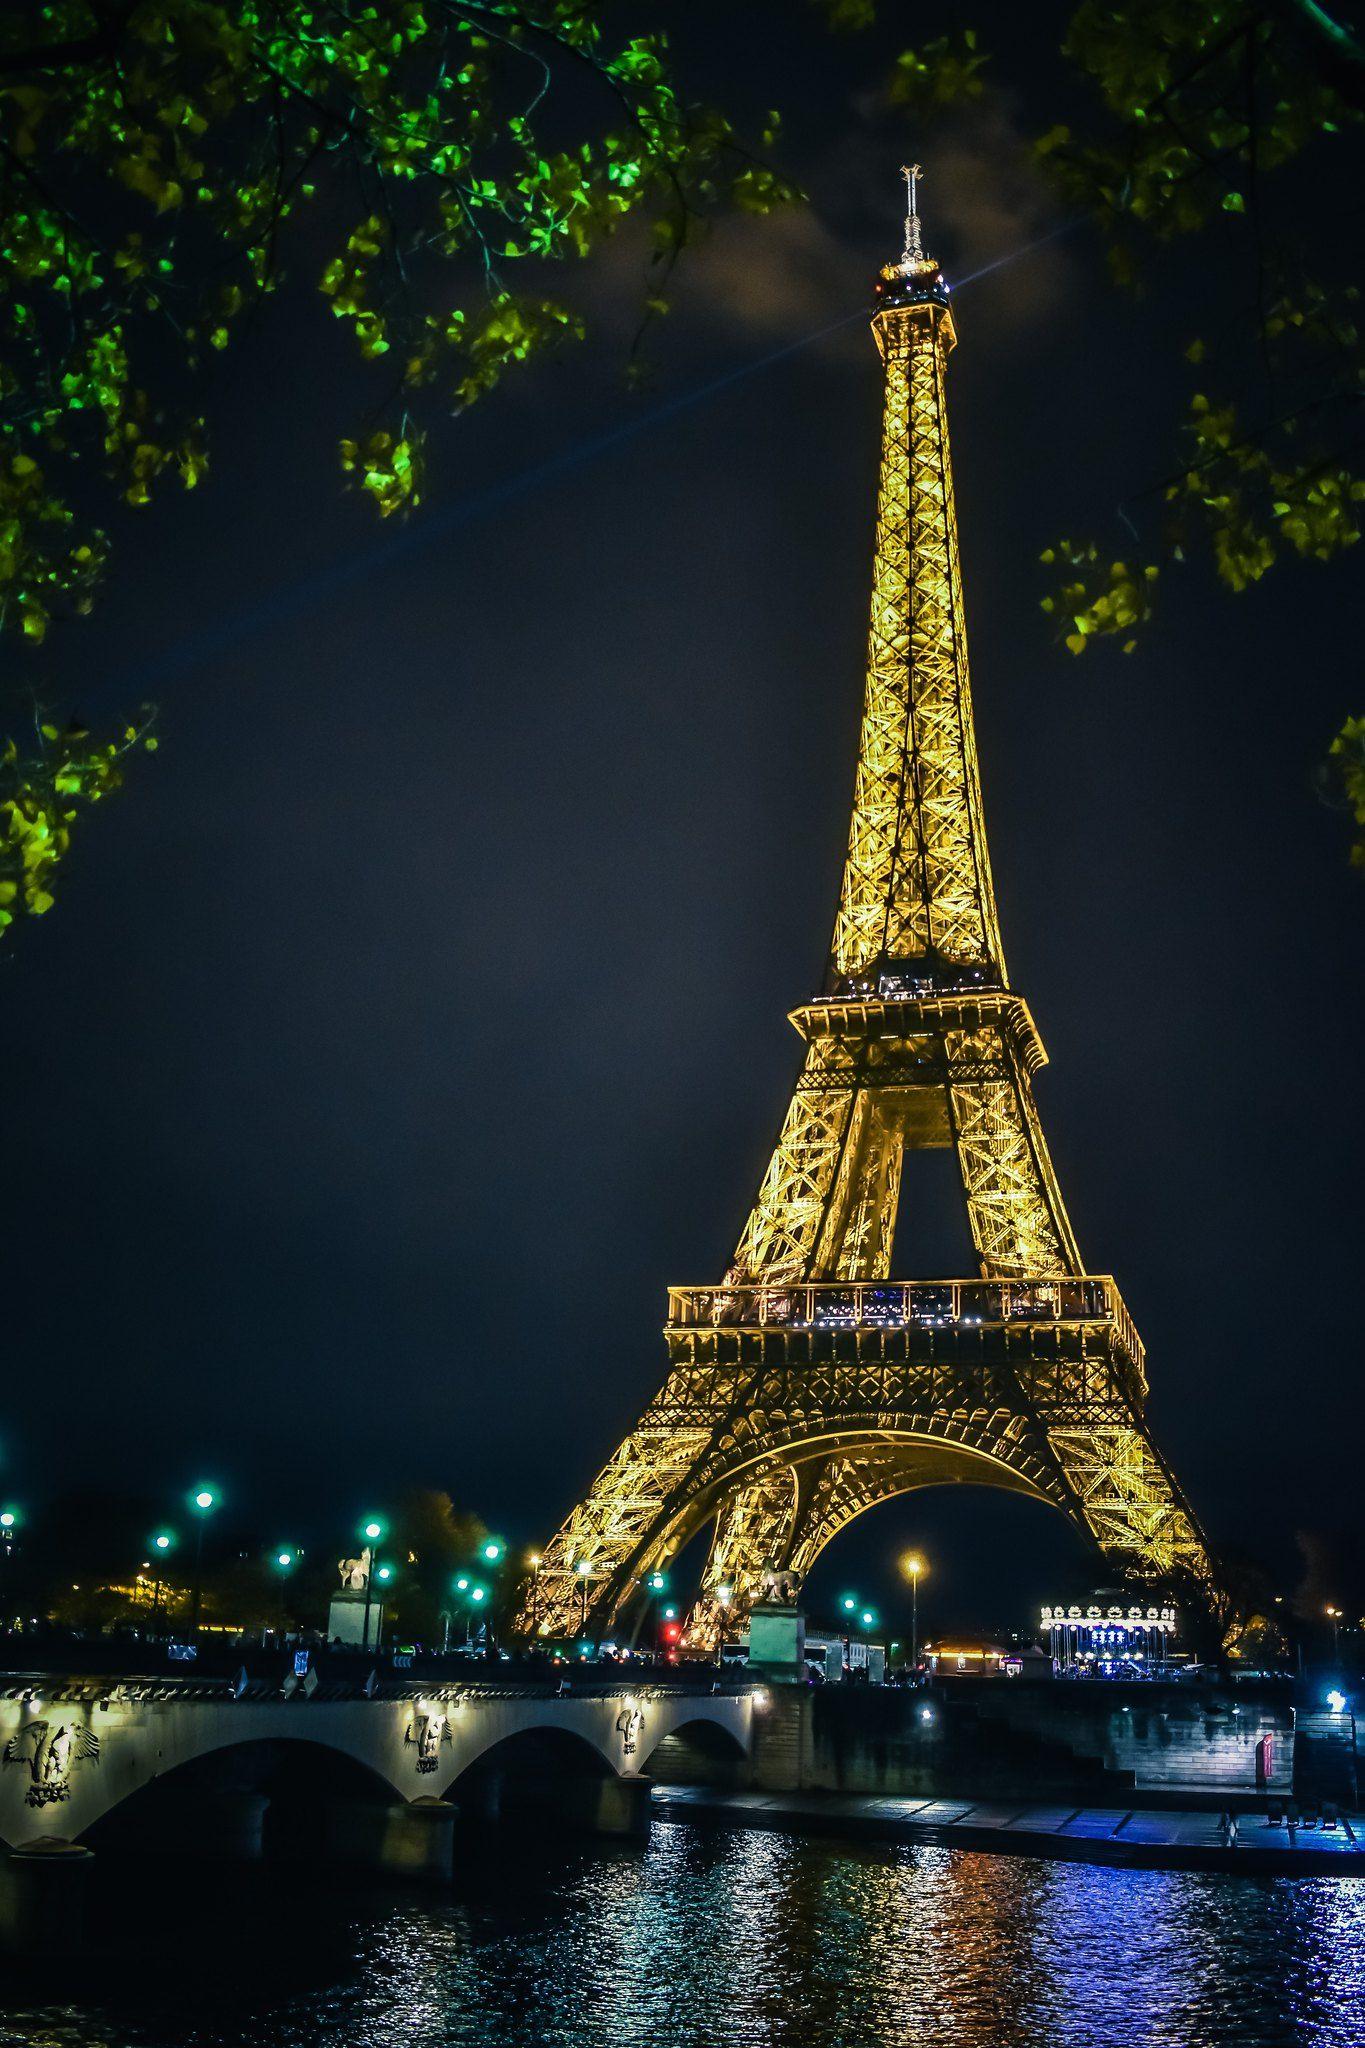 Trisha A J S 248 Eiffel Tower At Night Tour Eiffel Evil Tower